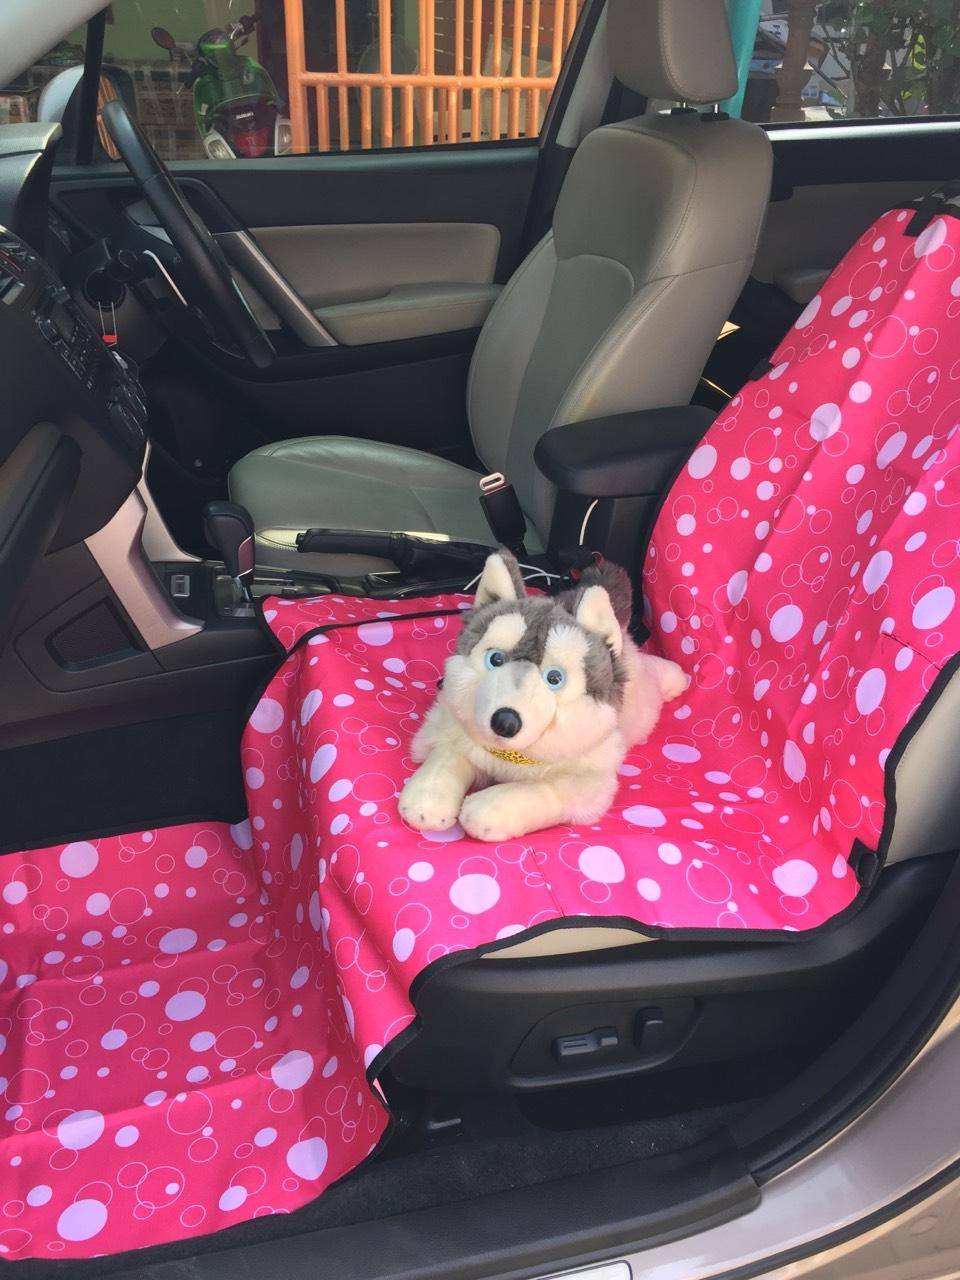 ผ้ารองเบาะรถยนต์ด้านหน้า ปูเต็ม สีชมพูลายฟองสบู่